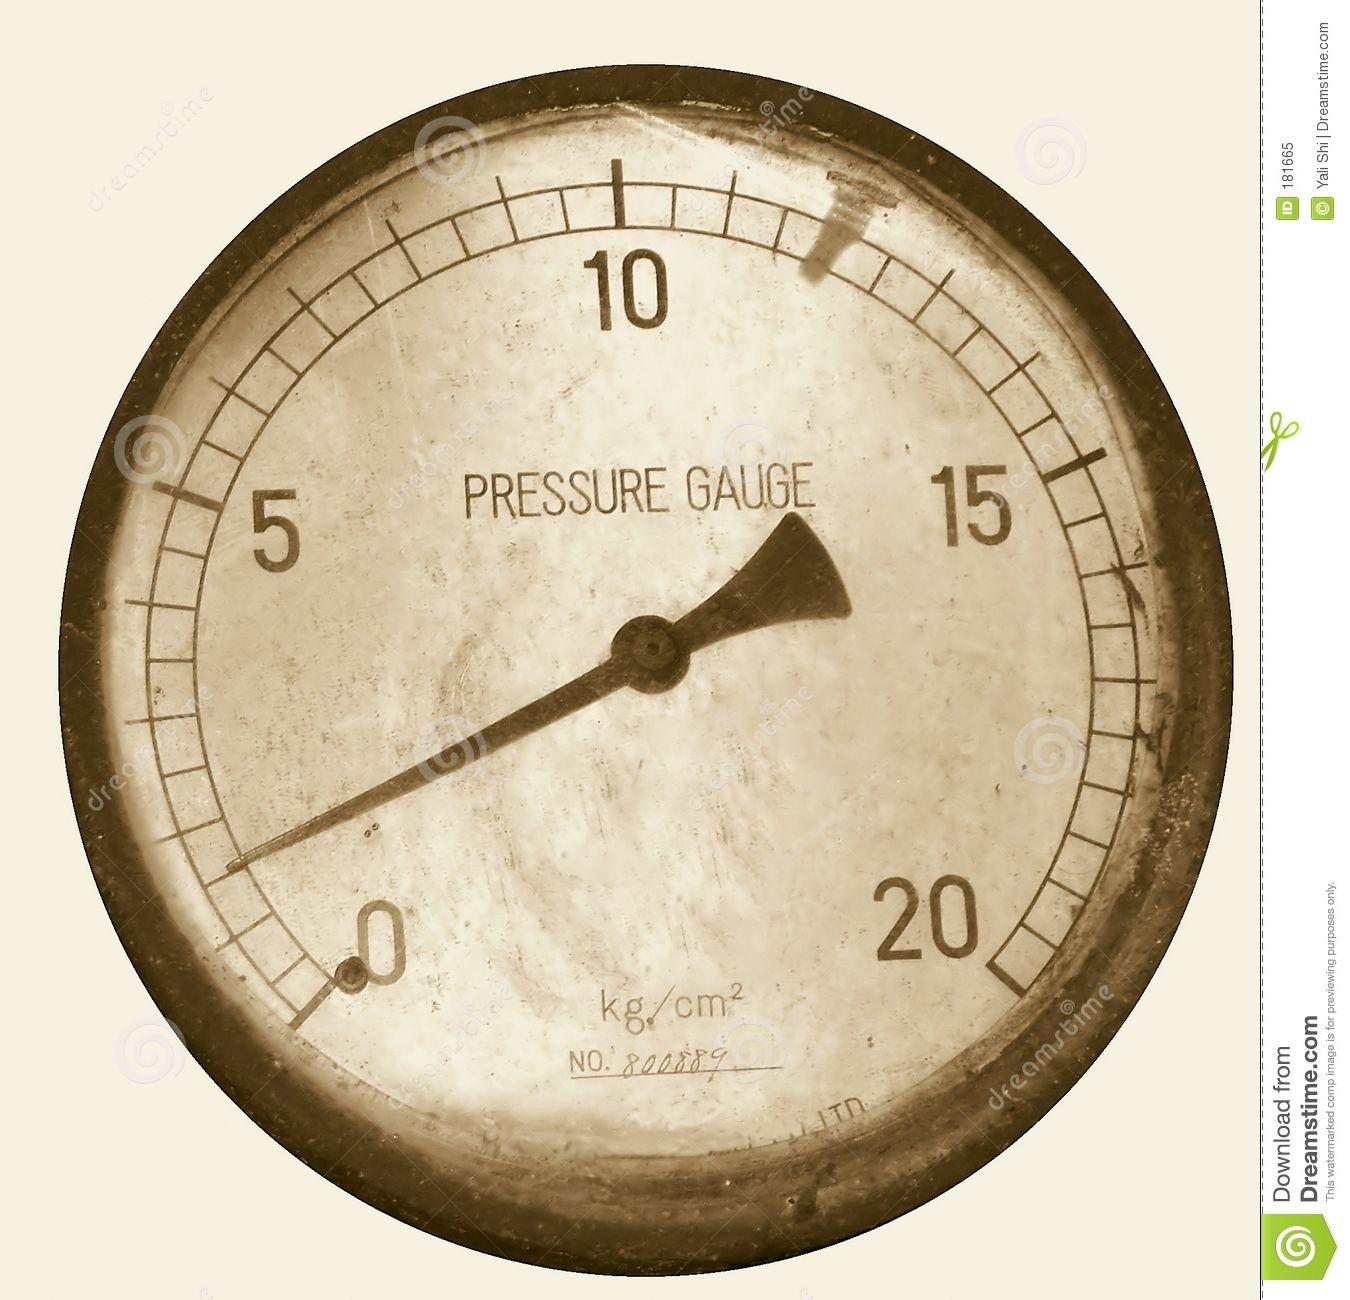 vintage-pressure-gauge-181665.jpg (1350×1300)